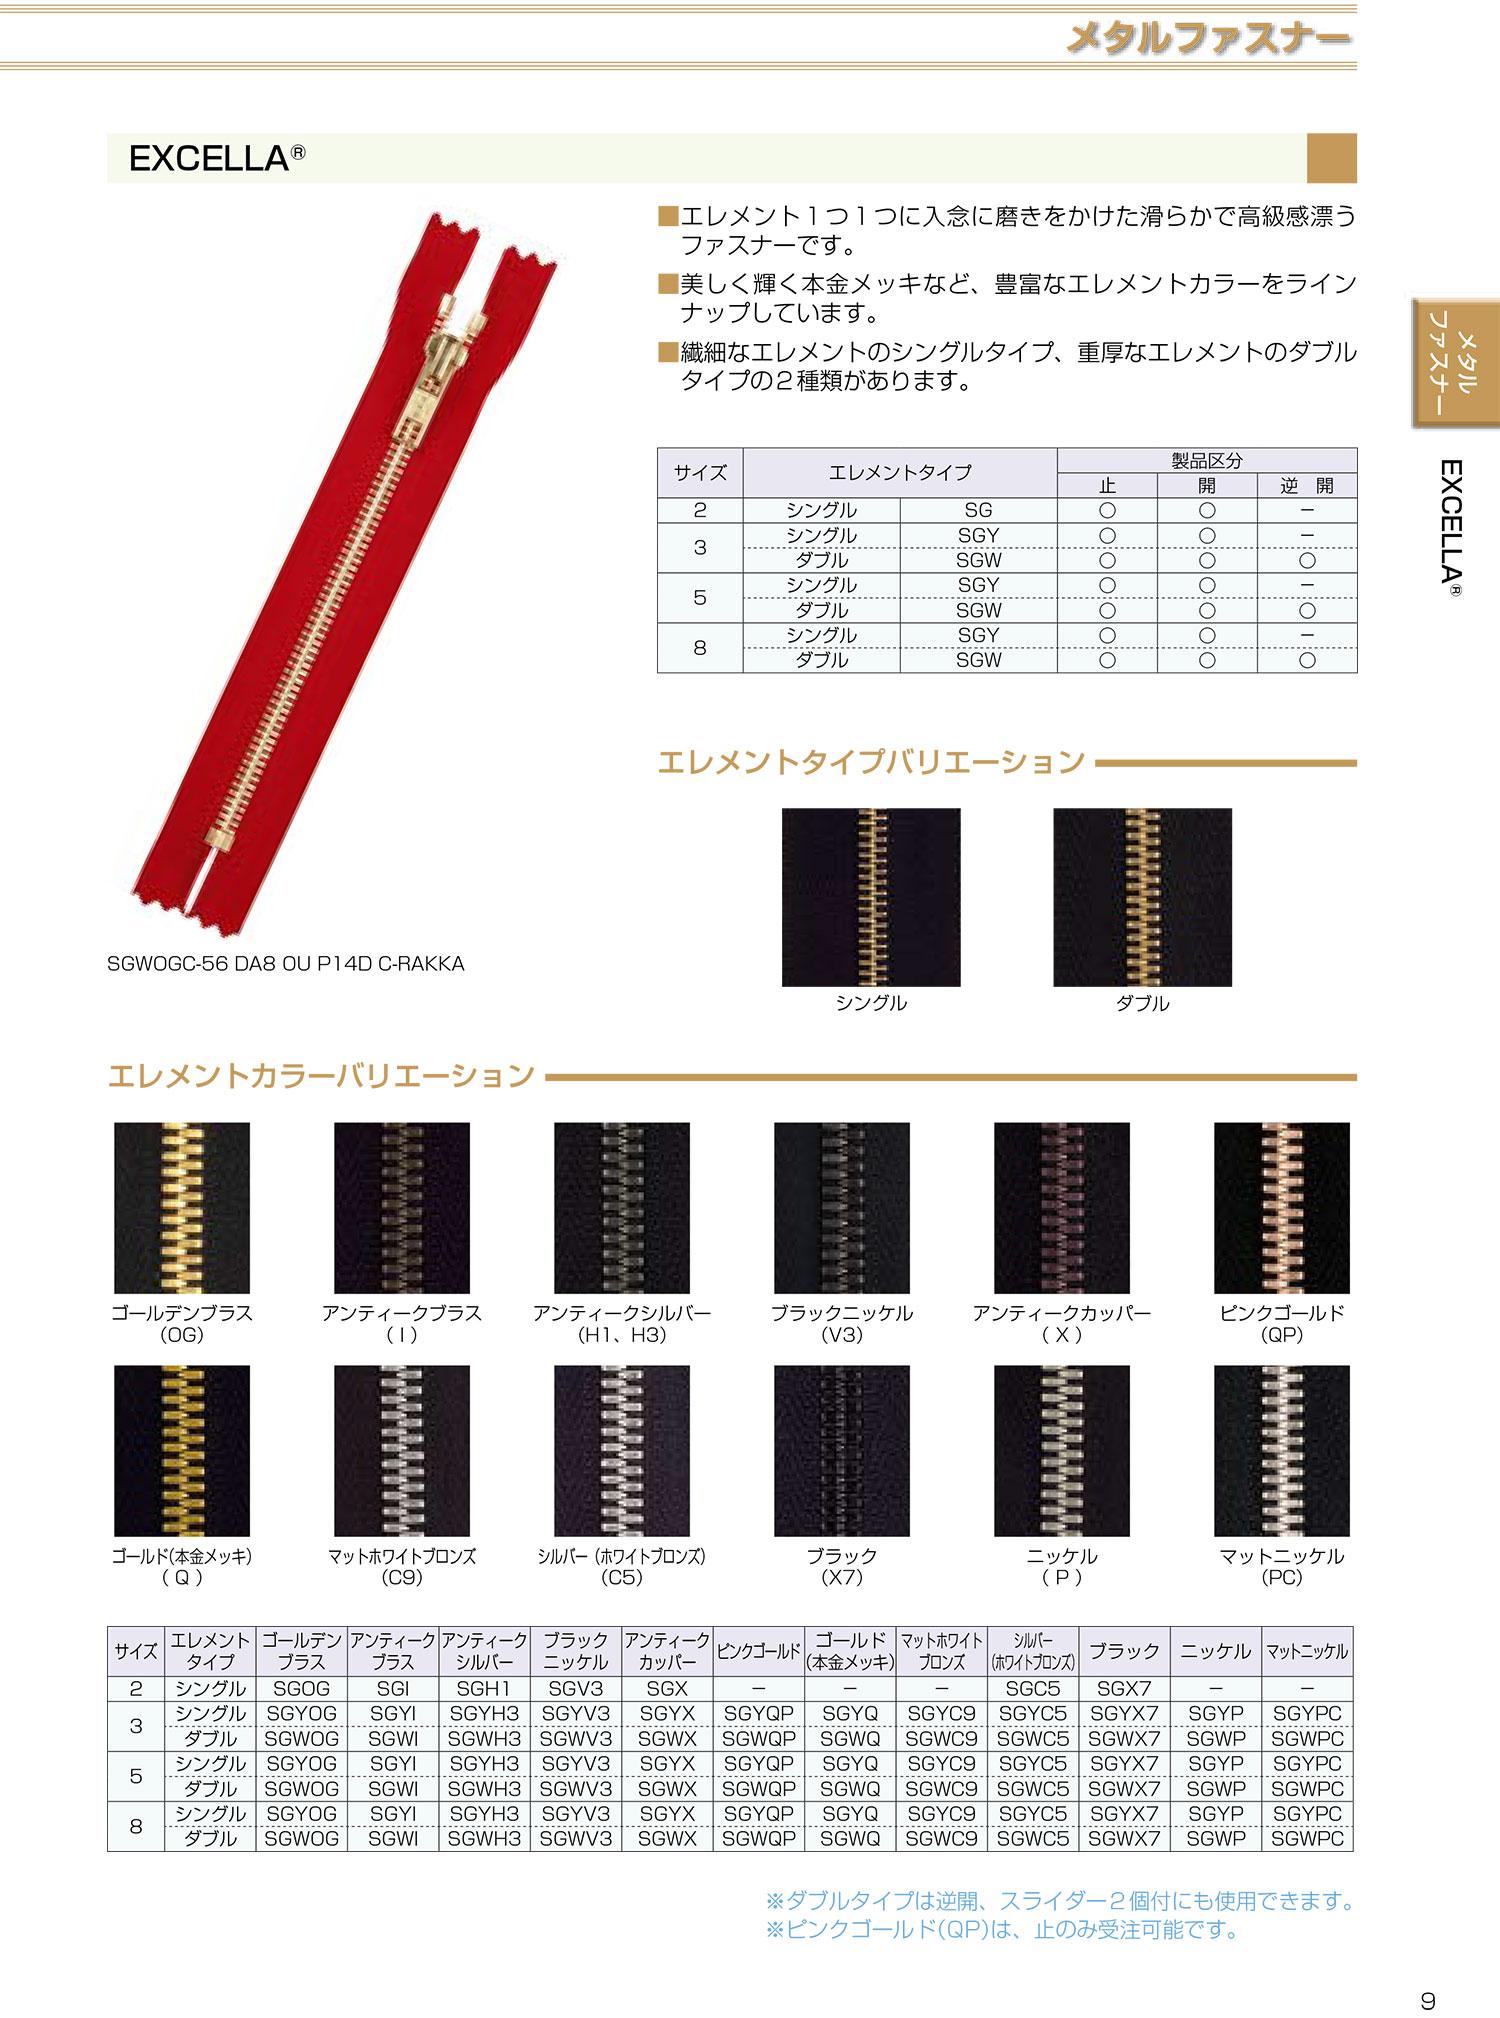 3SGWV3C エクセラ 3サイズ ブラックニッケル 止め ダブル[ファスナー] YKK/オークラ商事 - ApparelX アパレル資材卸通販